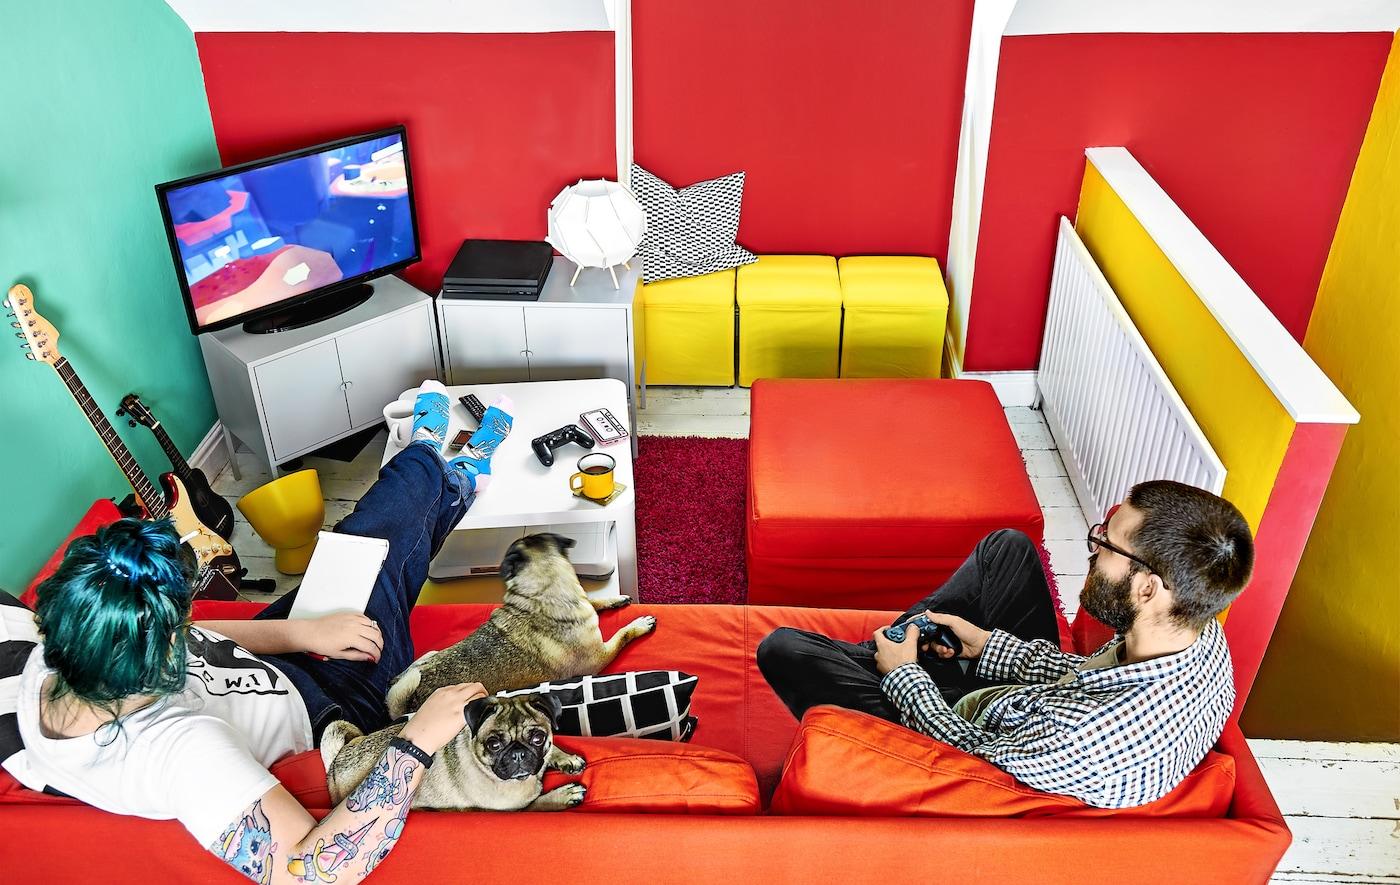 Pièce décorée de couleurs vives, avec canapé et console de jeux.